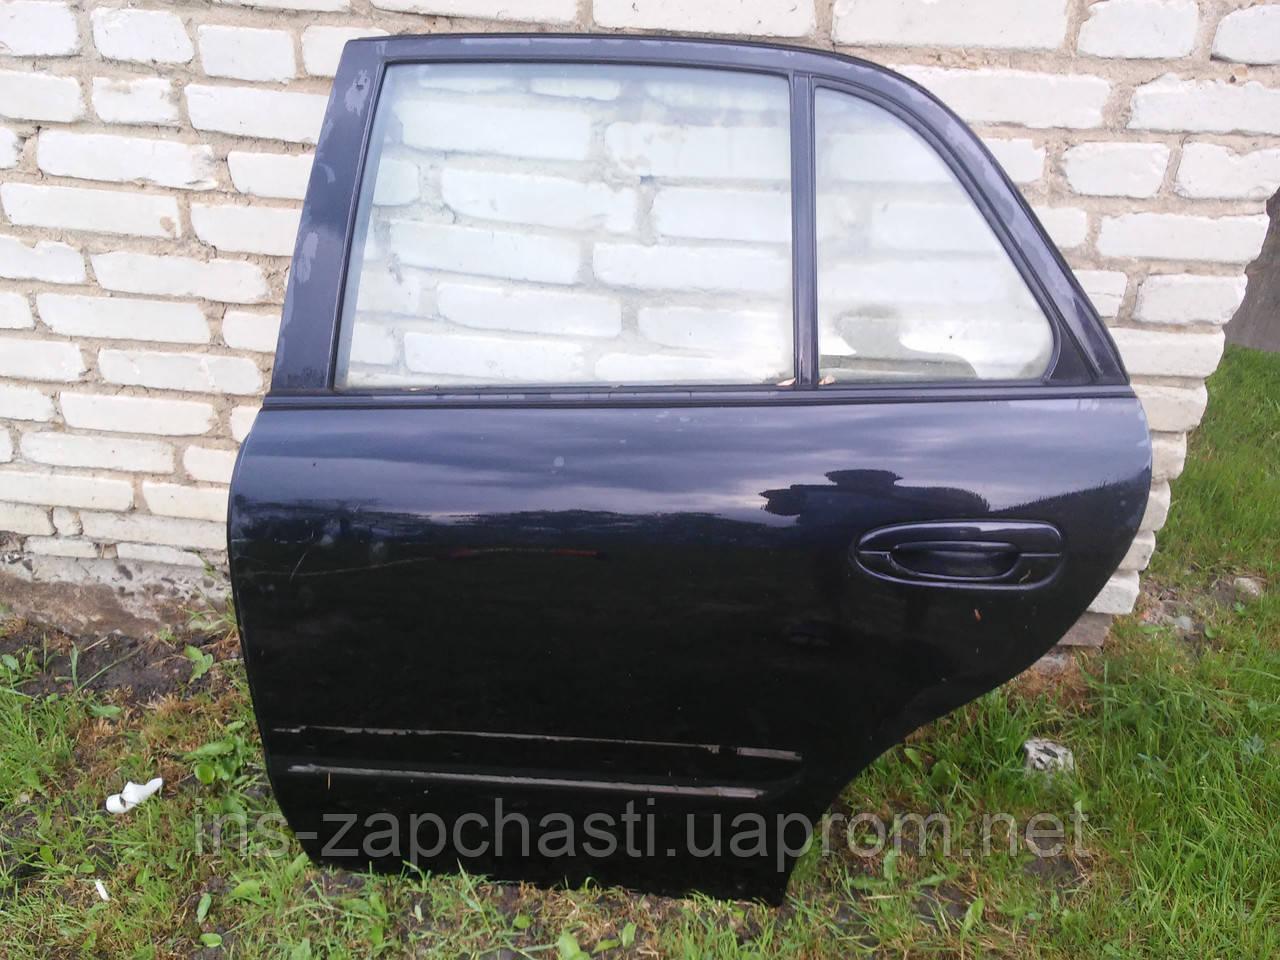 Дверь задняя левая  Mazda 626 cедан 1998-2002